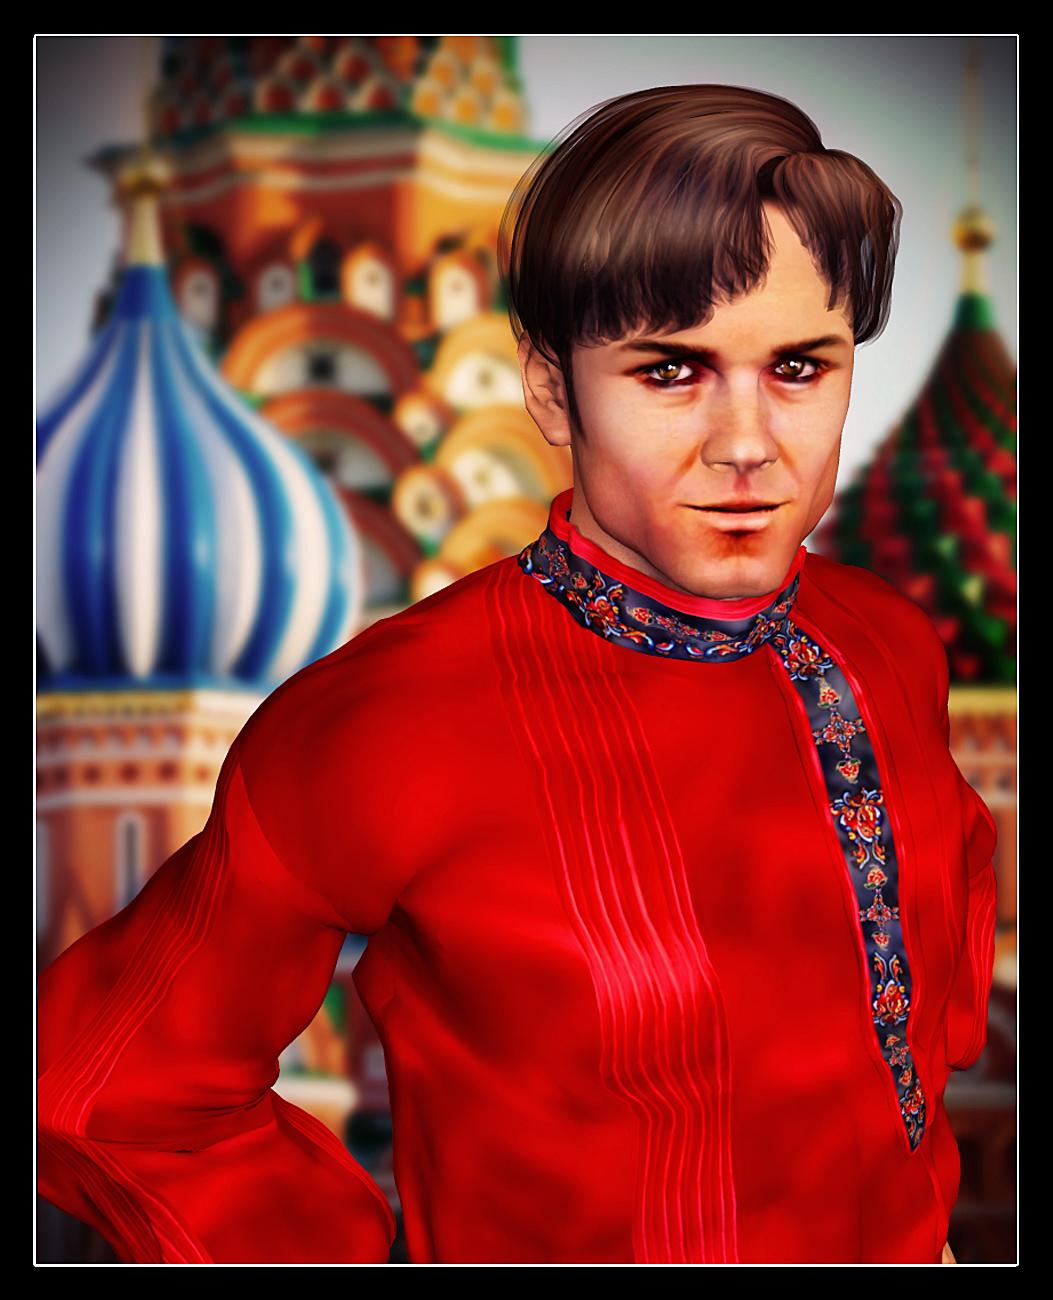 Chekov Portrait by mylochka